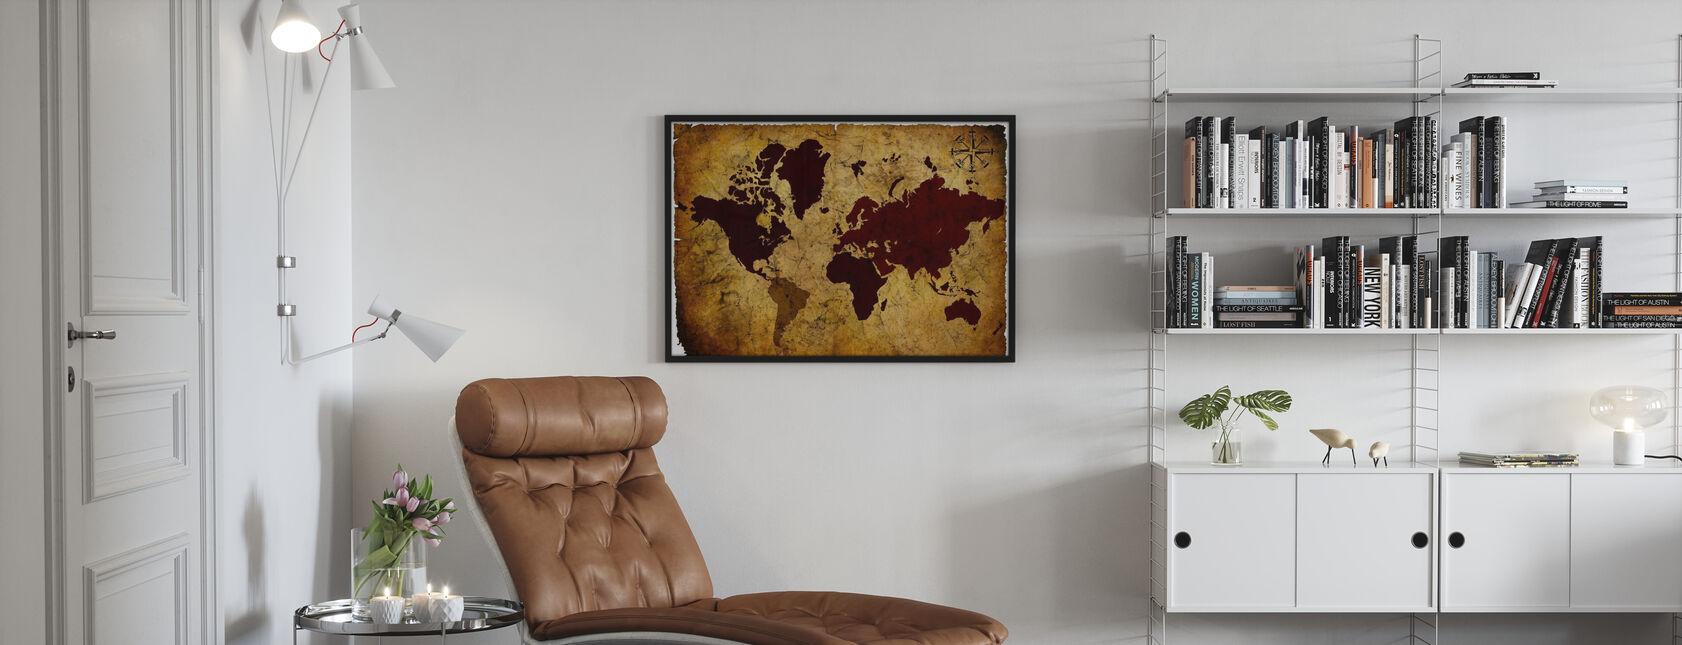 Old Manuscript of World Map - Framed print - Living Room